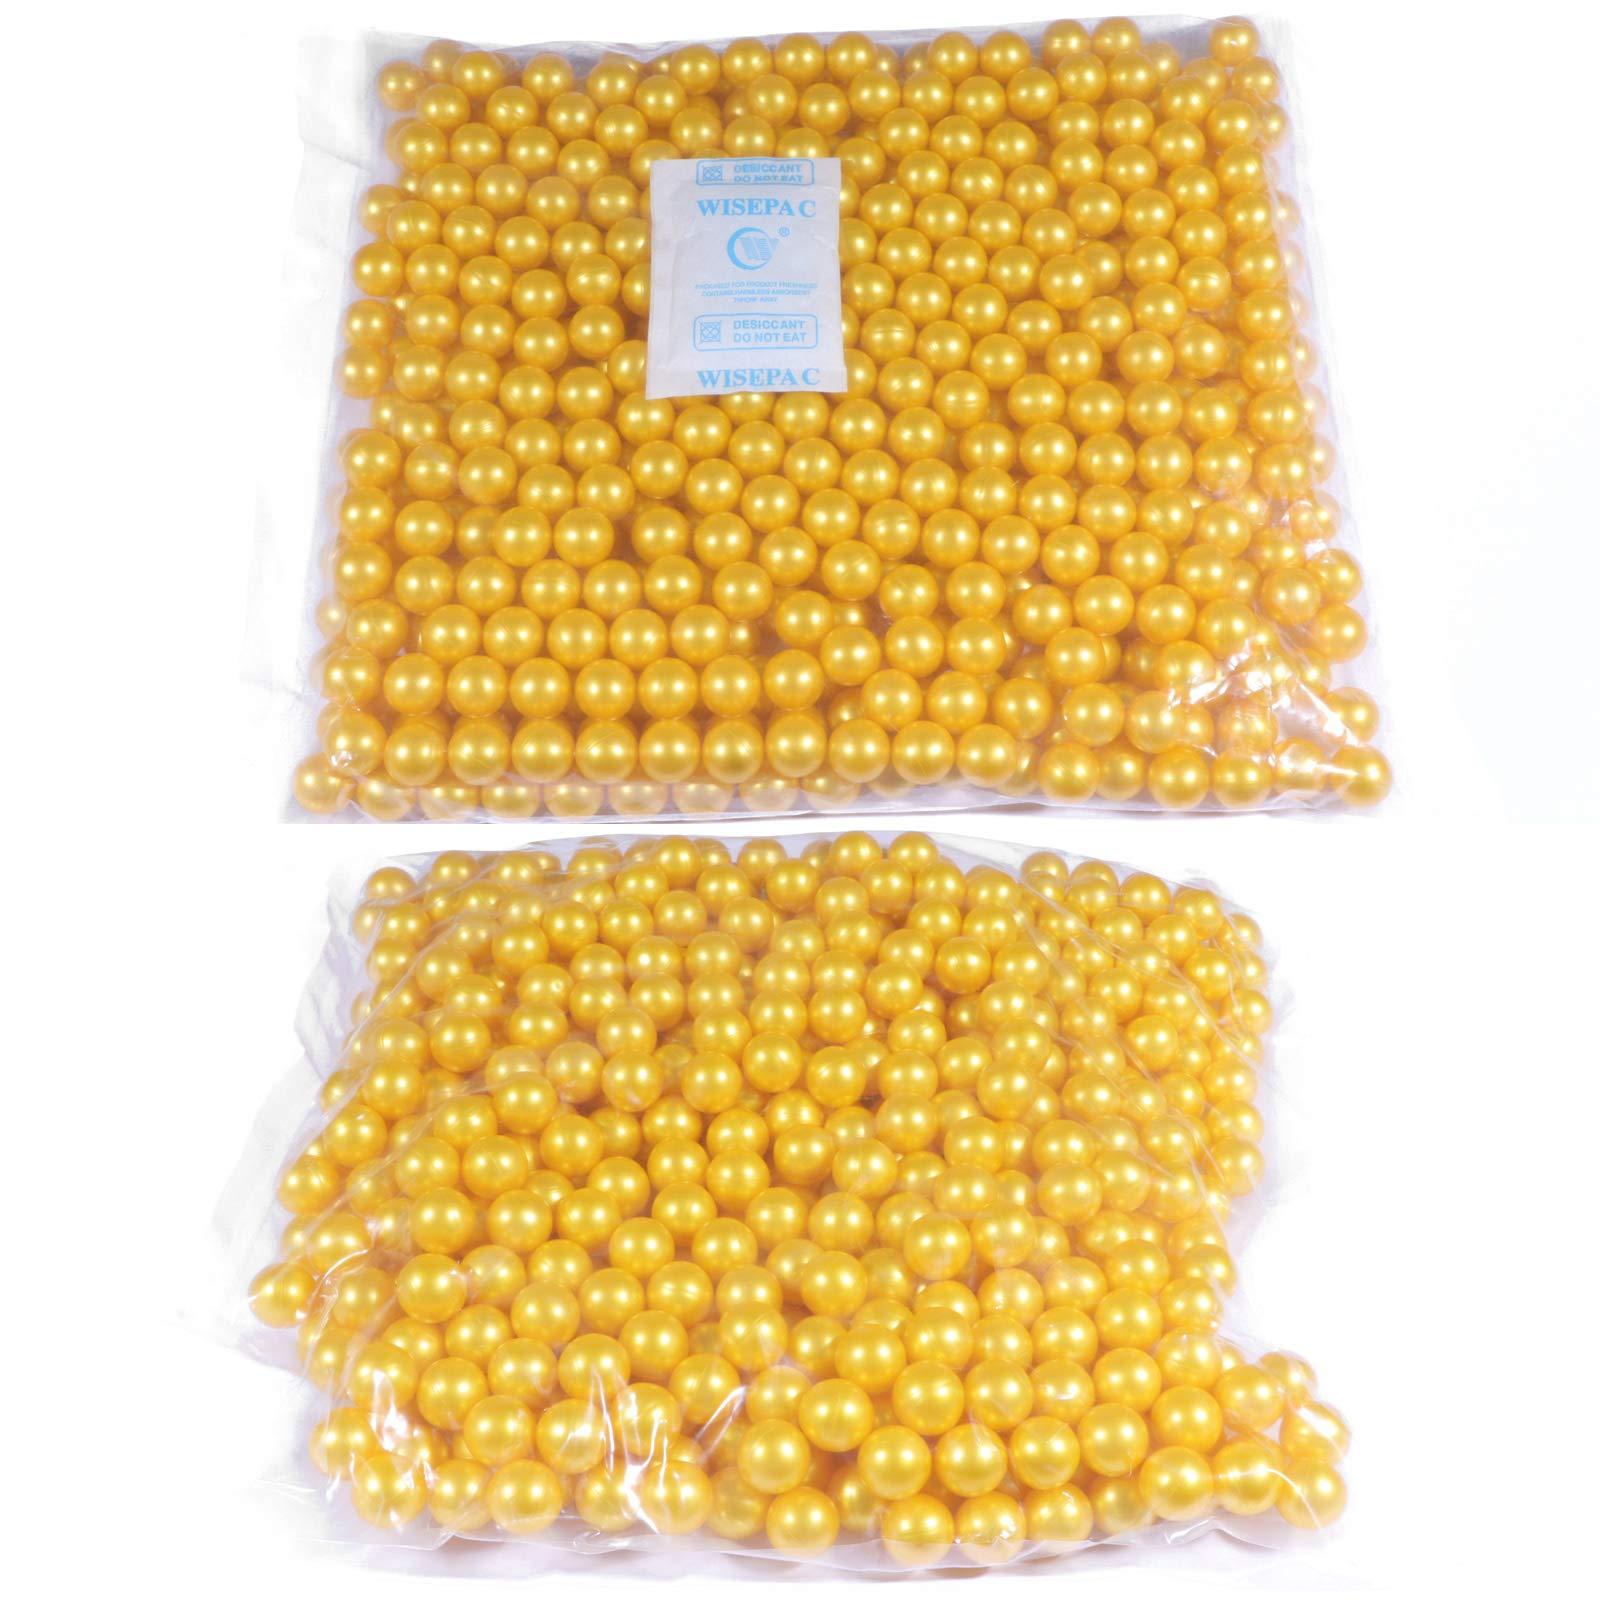 DAWOOLUX Paintballs 500, 1000, or 2000 Rounds PEG Tournament Pellets .68 Caliber Orange Golden Colors